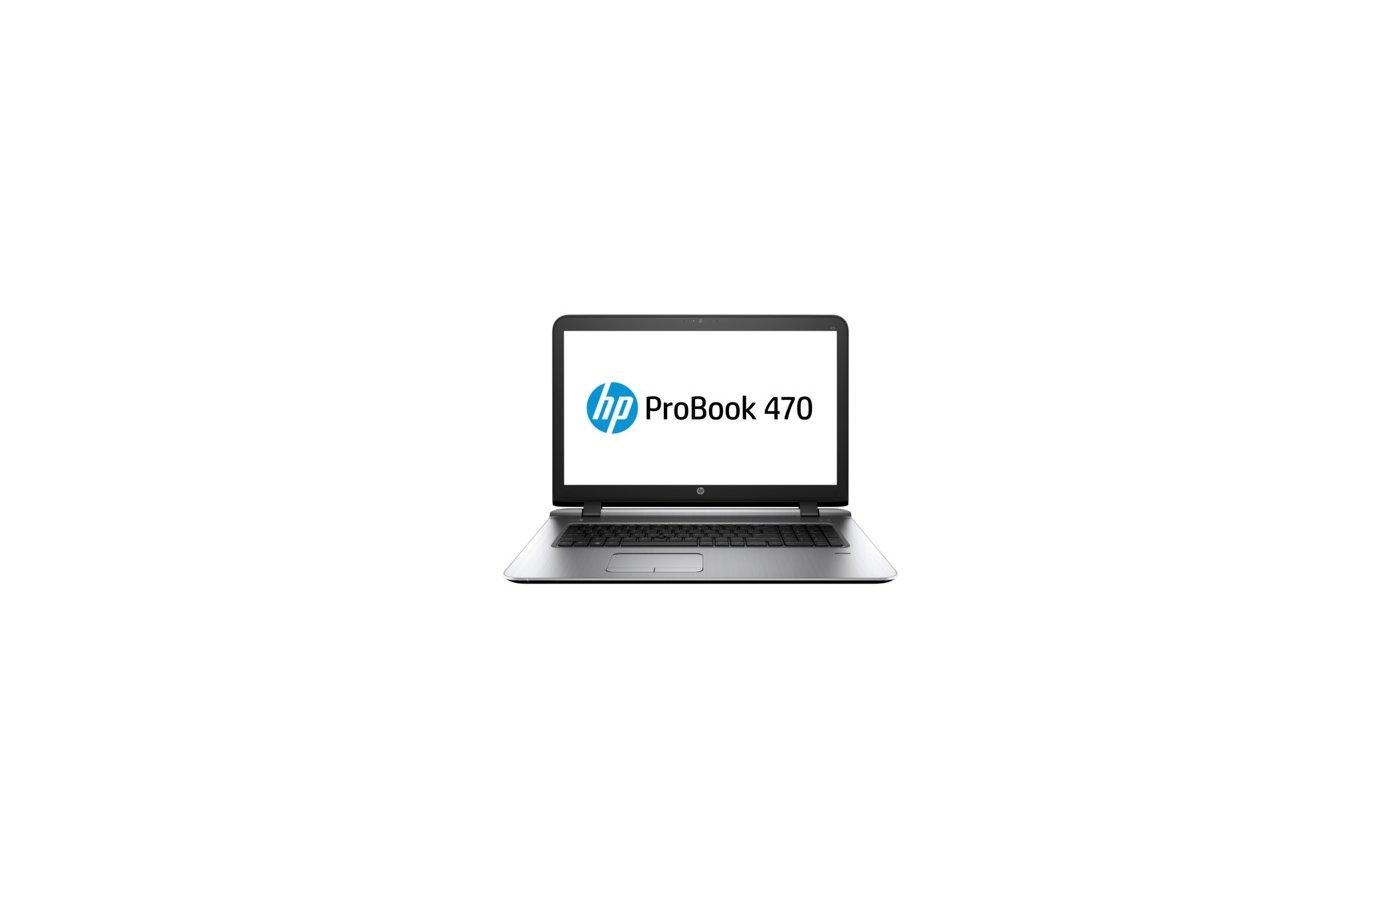 Ноутбук HP ProBook 470 G3 /W4P91EA/ intel i5 6200U/8Gb/1Tb/DVDRW/17.3HD+/WiFi/DOS